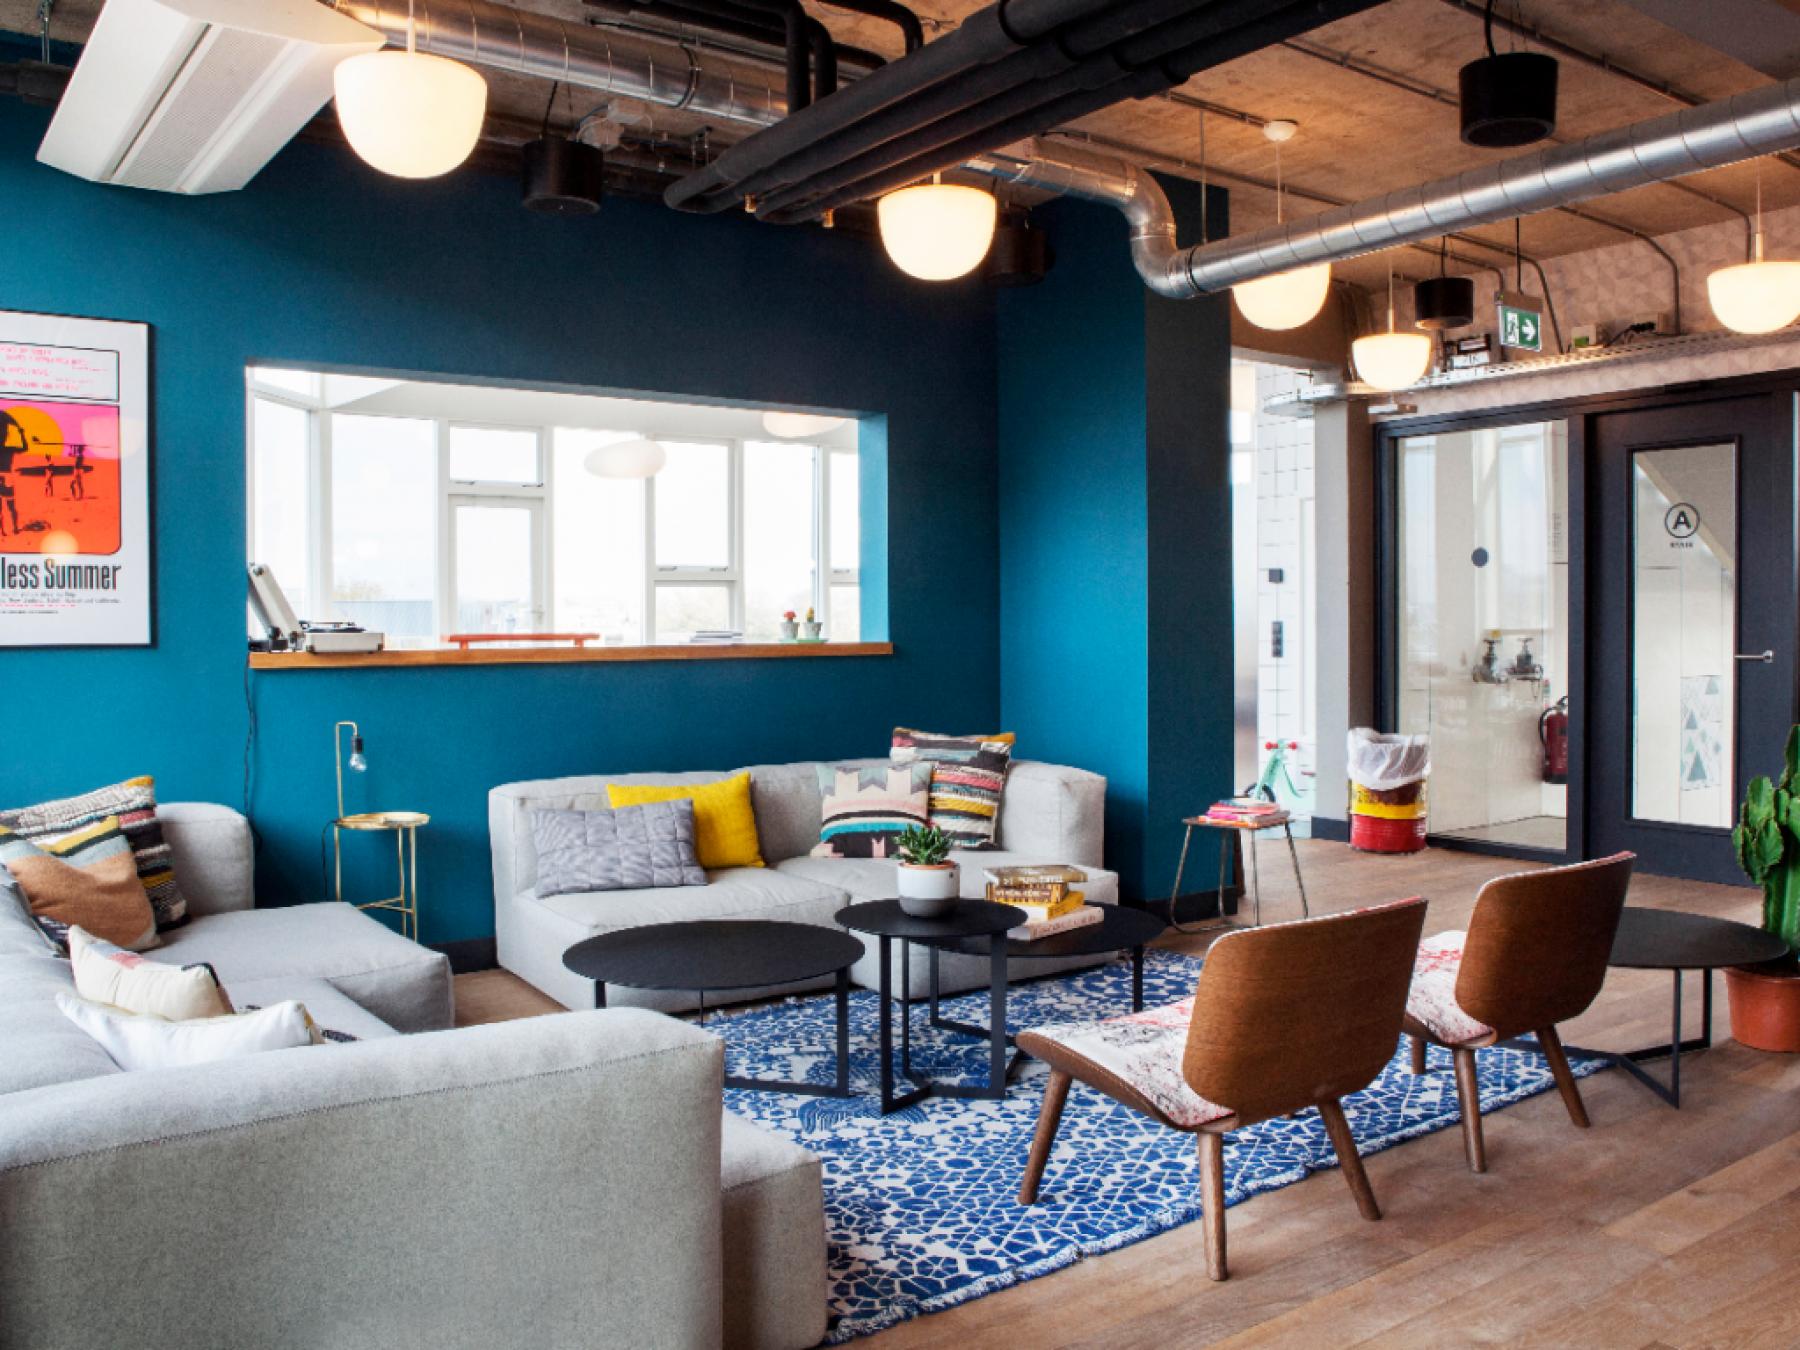 kantoorpand centrum amsterdam weesperstraat loungeruimte kantoorruimte